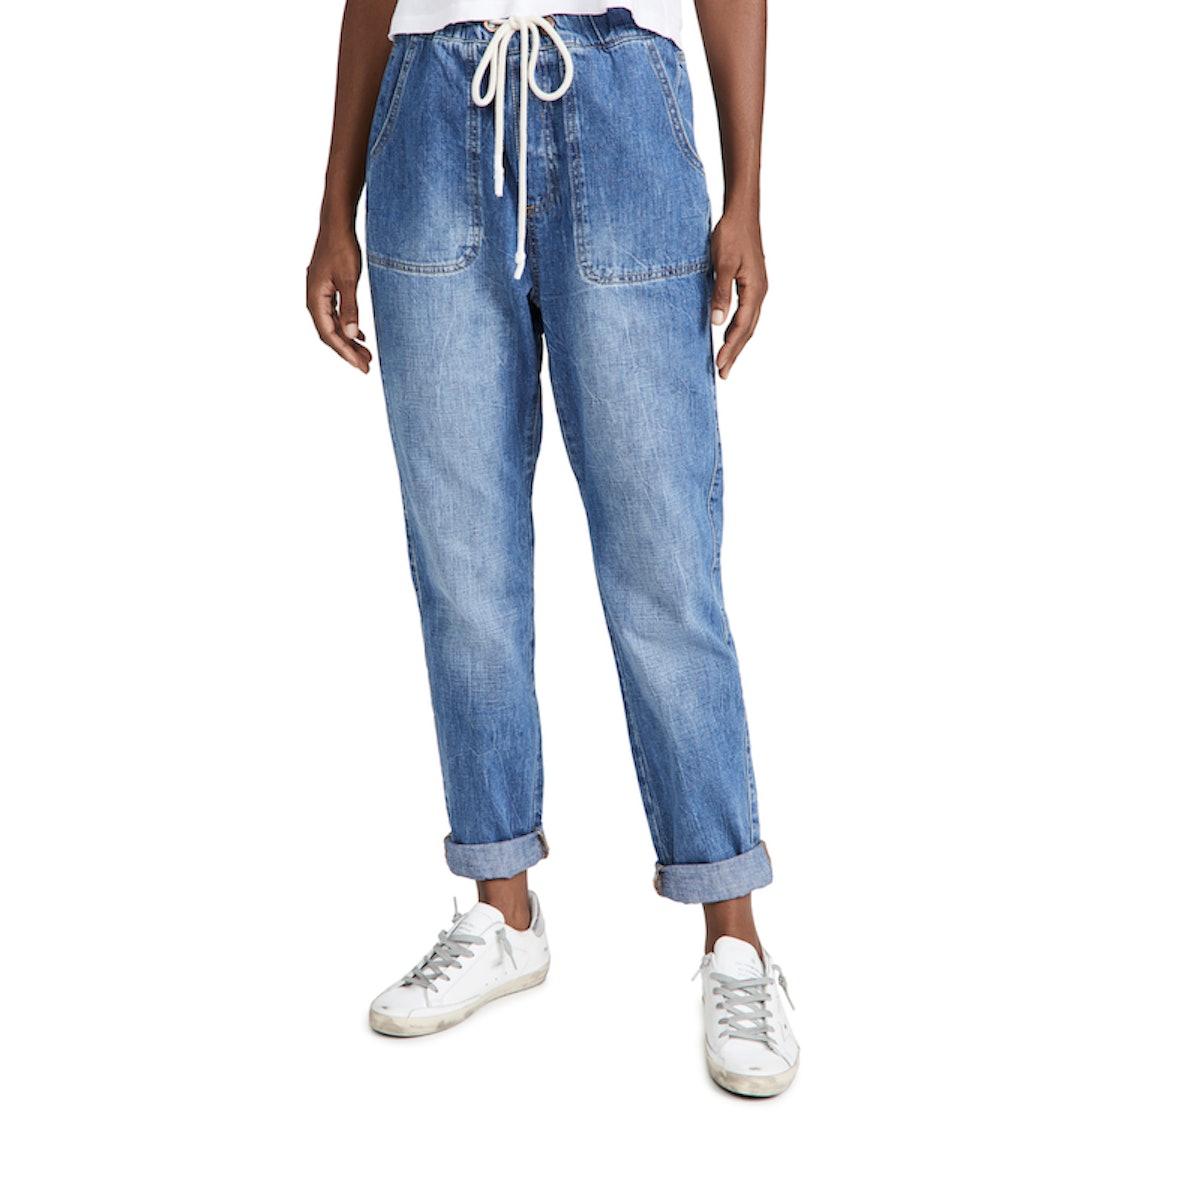 Women's Resort Blue High Waist Jeans